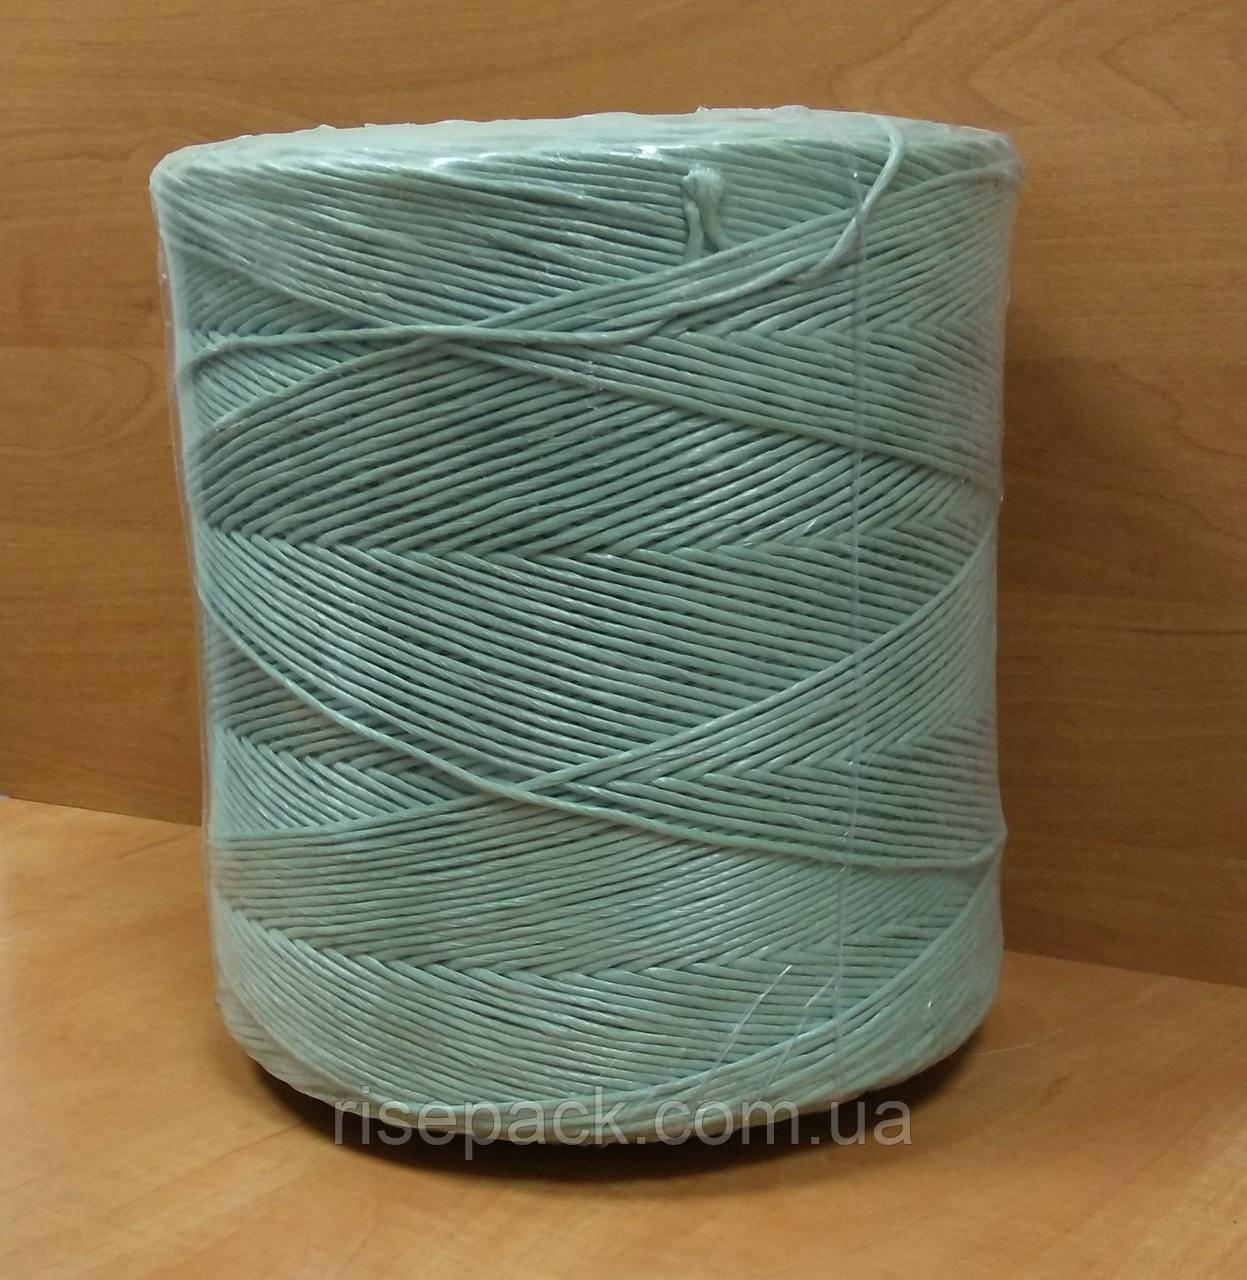 Шпагат полипропиленовый плетеный (цветной, вторичный пп) для упаковки, обвязки